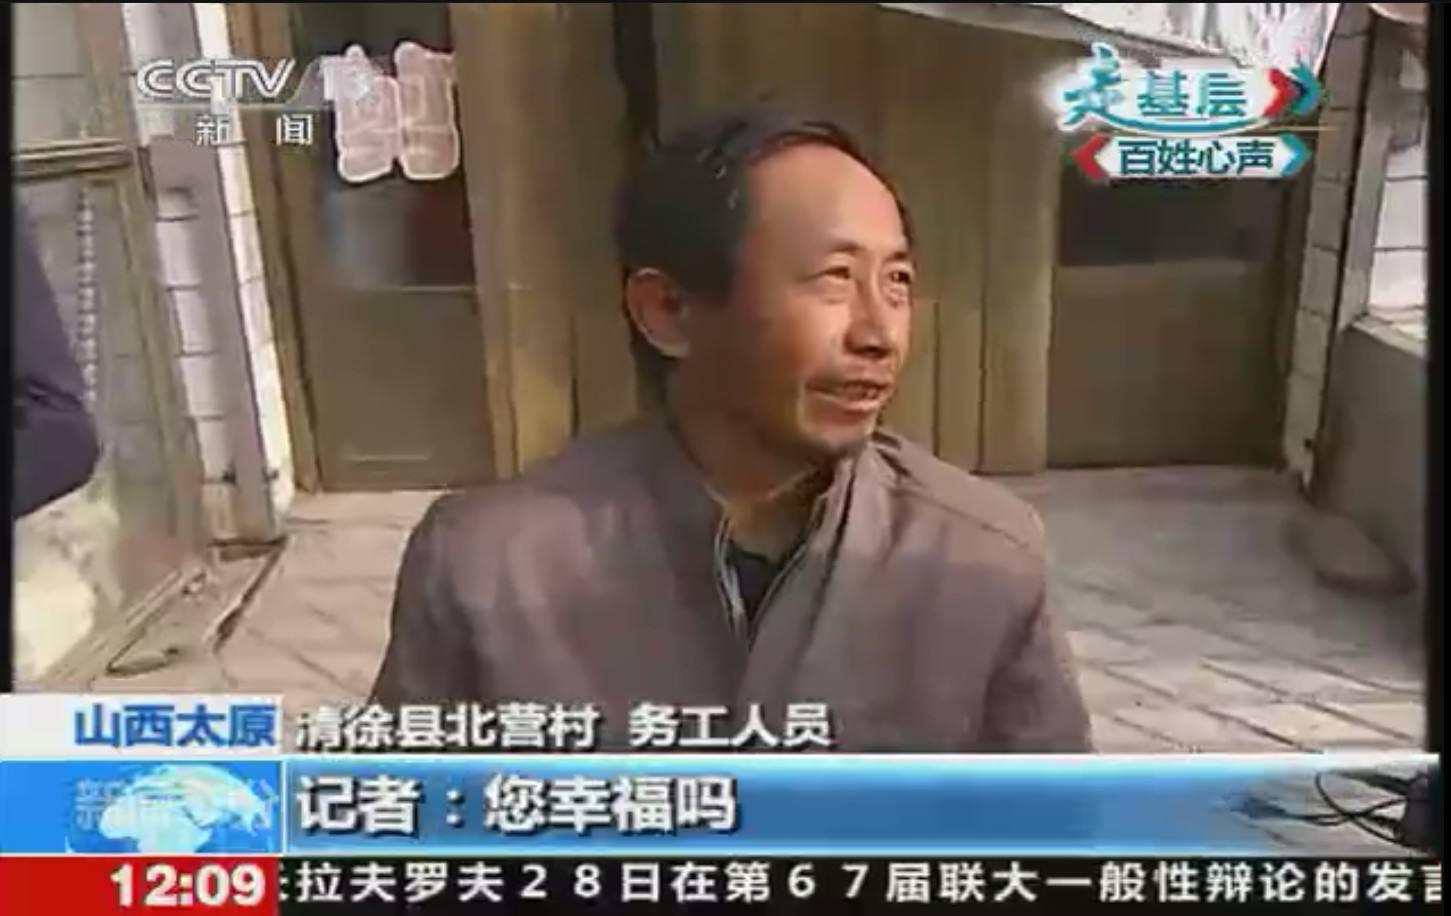 德媒称中国人是世界上最幸福的人,原因是…(图)